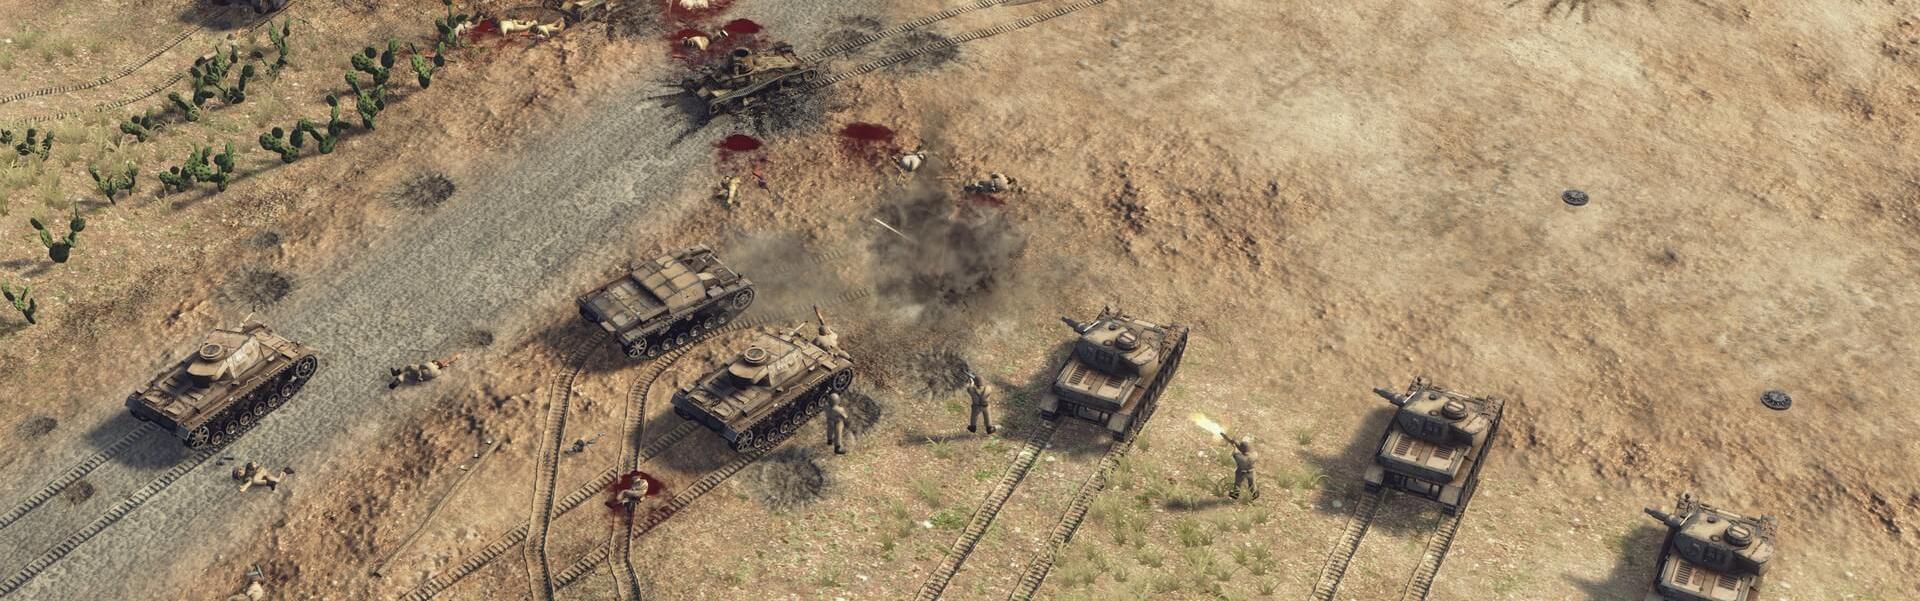 Sudden Strike 4 - Africa Desert War (DLC) Steam Key GLOBAL